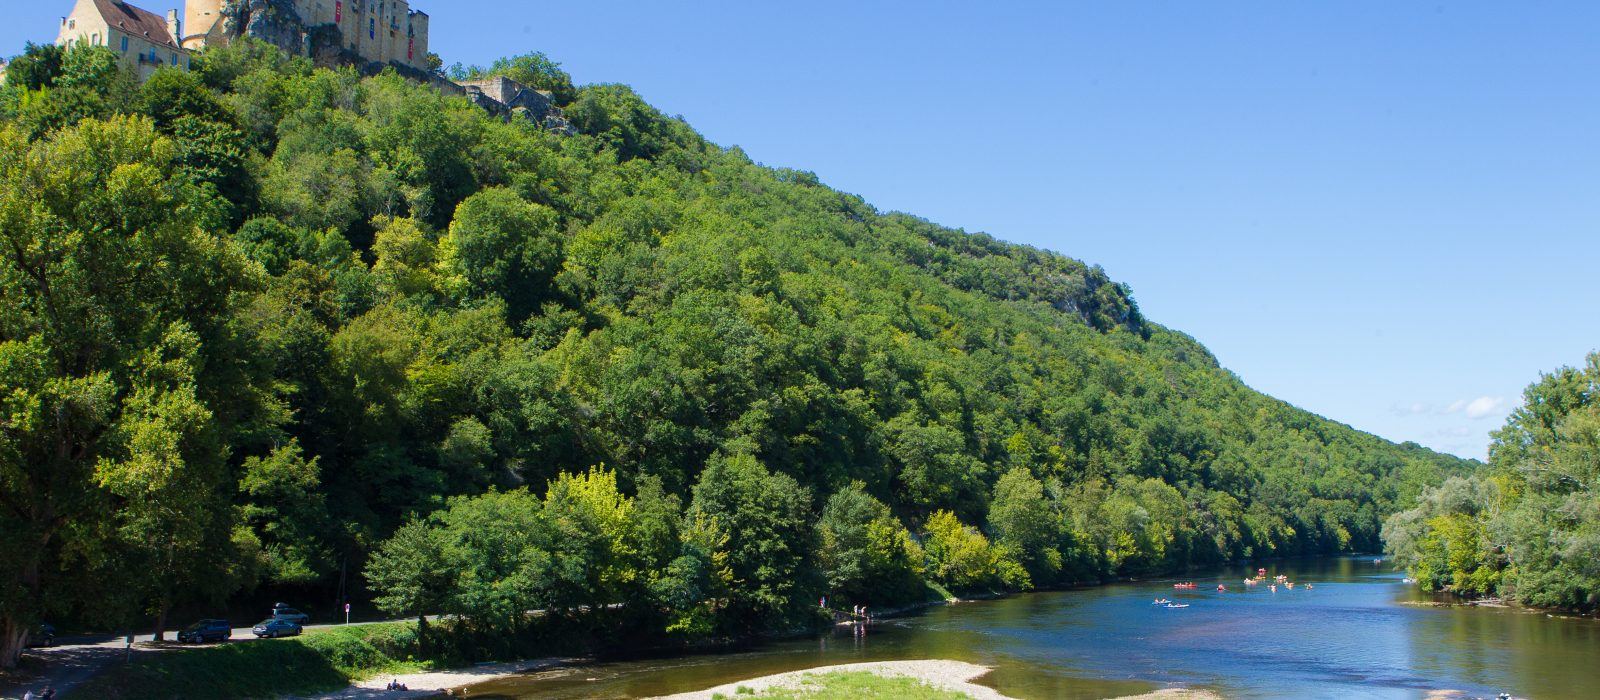 châteaux et rivière de la Dordogne